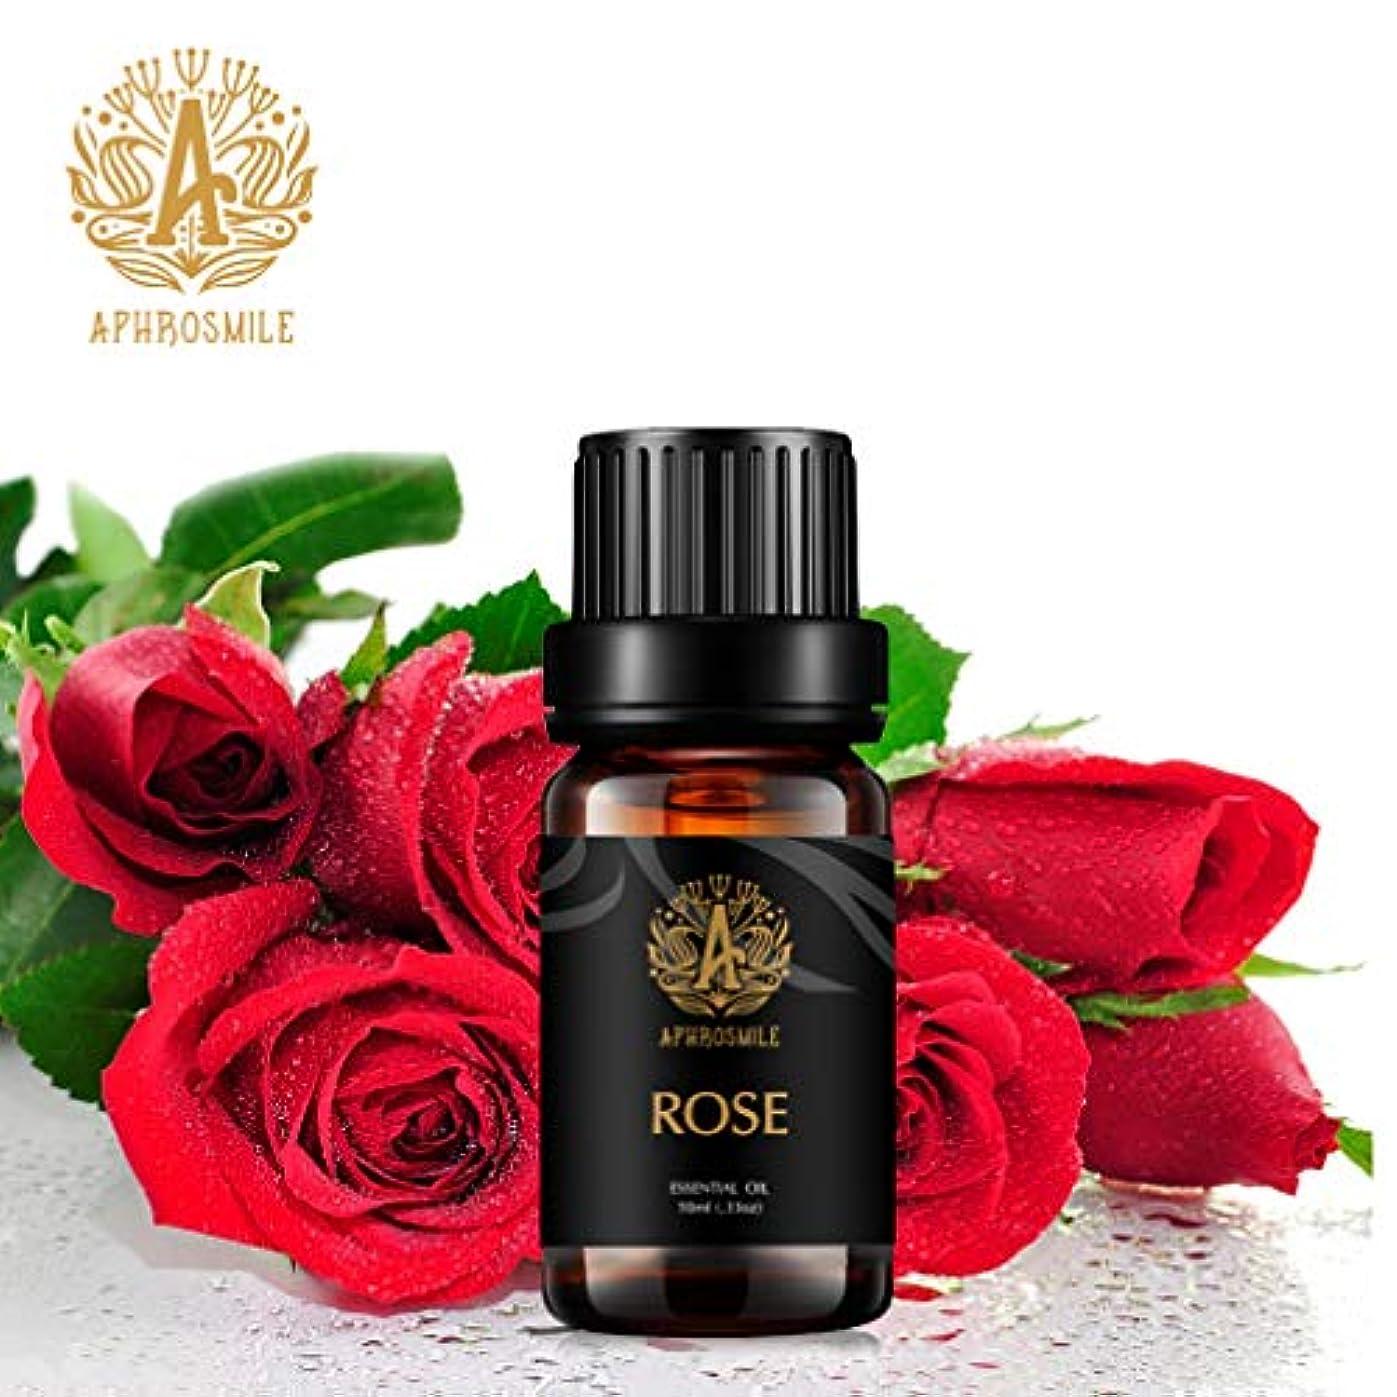 後洗う境界ローズエッセンシャルオイル、100%ピュアアロマセラピーエッセンシャルオイルローズの香り、肌に栄養を与え、治療用グレードエッセンシャルオイルローズの香り、為にディフューザー、マッサージ、加湿器、デイリーケア、0.33オンス...